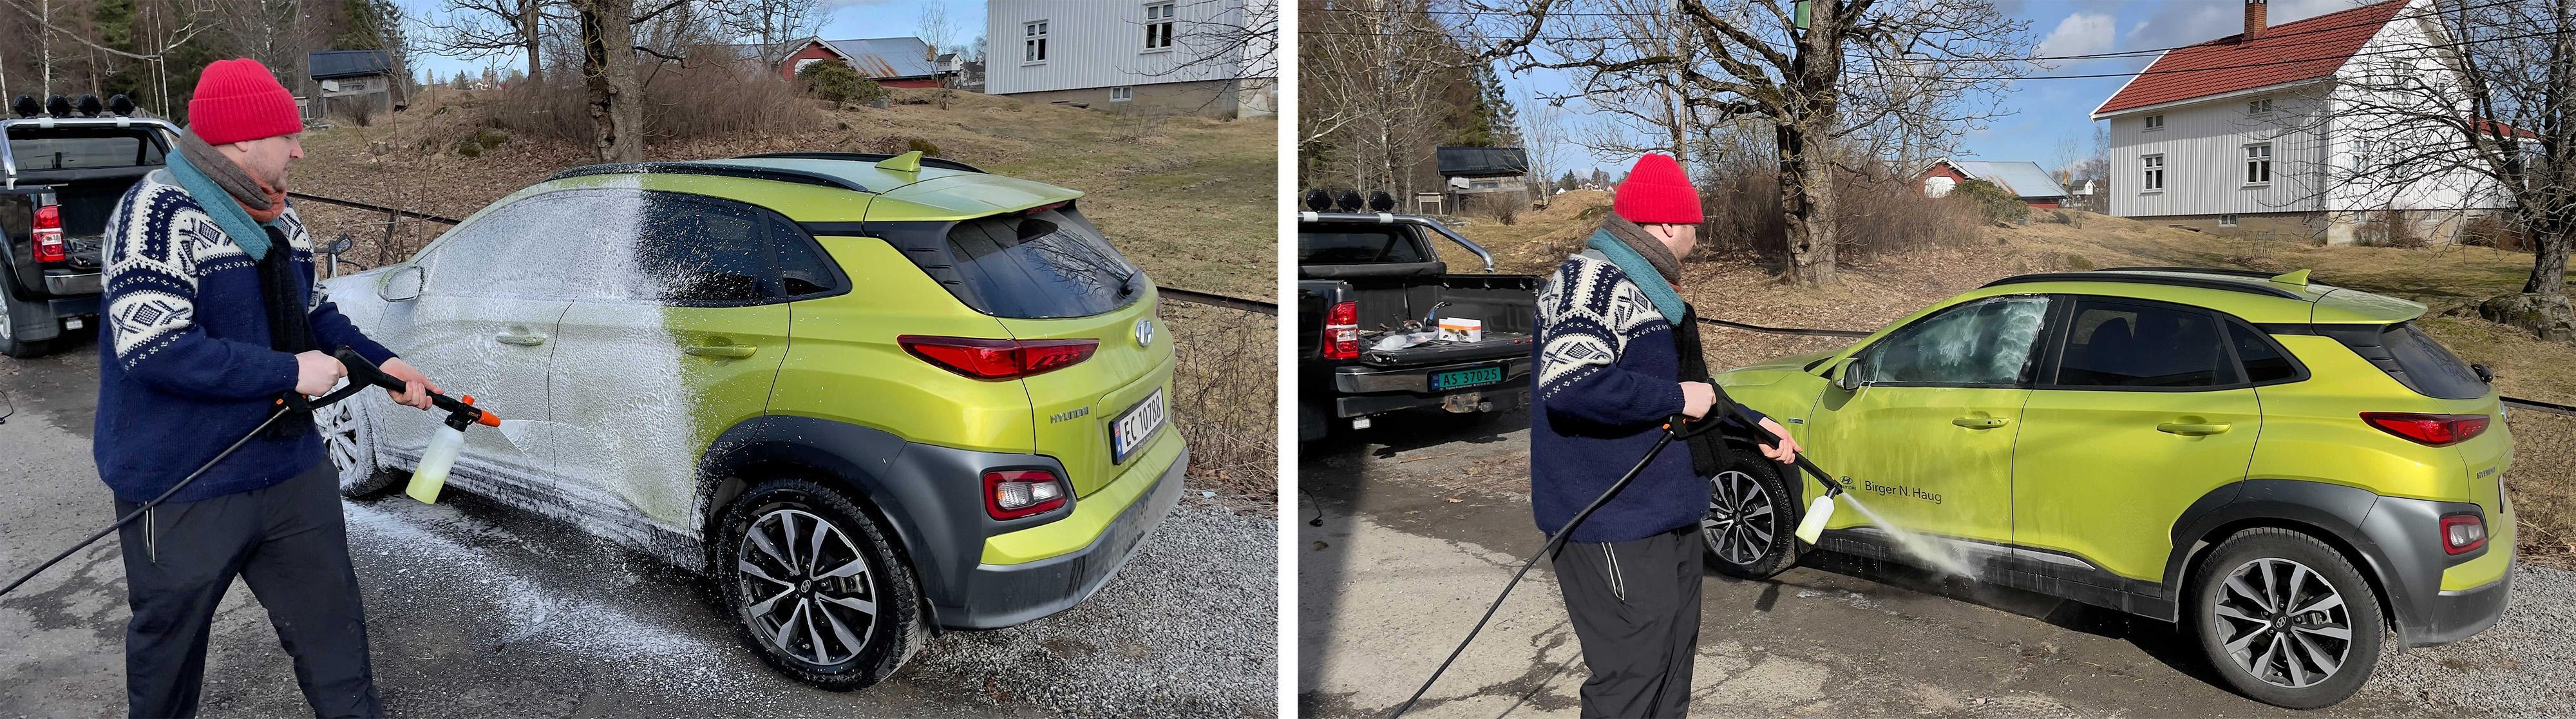 Med skumkanon blir såpeskummet liggende lenger på bilen, og kjemikaliene får gjort en grundigere jobb før du spyler rent.